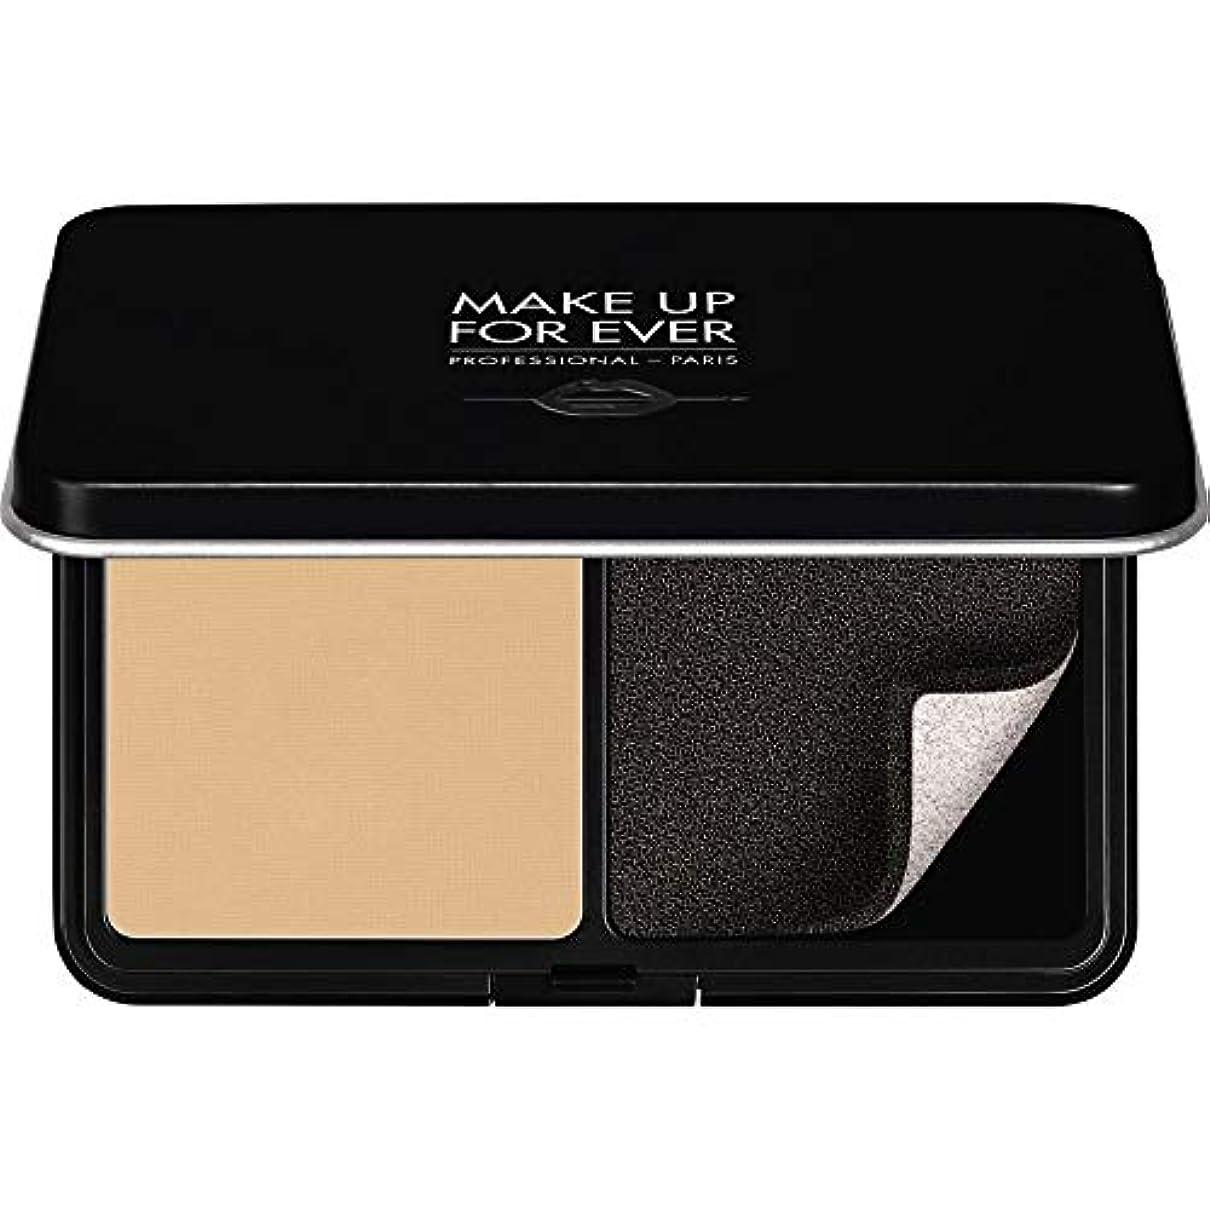 対応スポンジ誰の[MAKE UP FOR EVER ] パウダーファンデーション11GののY225をぼかし、これまでマットベルベットの肌を補う - 大理石 - MAKE UP FOR EVER Matte Velvet Skin Blurring Powder Foundation 11g Y225 - Marble [並行輸入品]